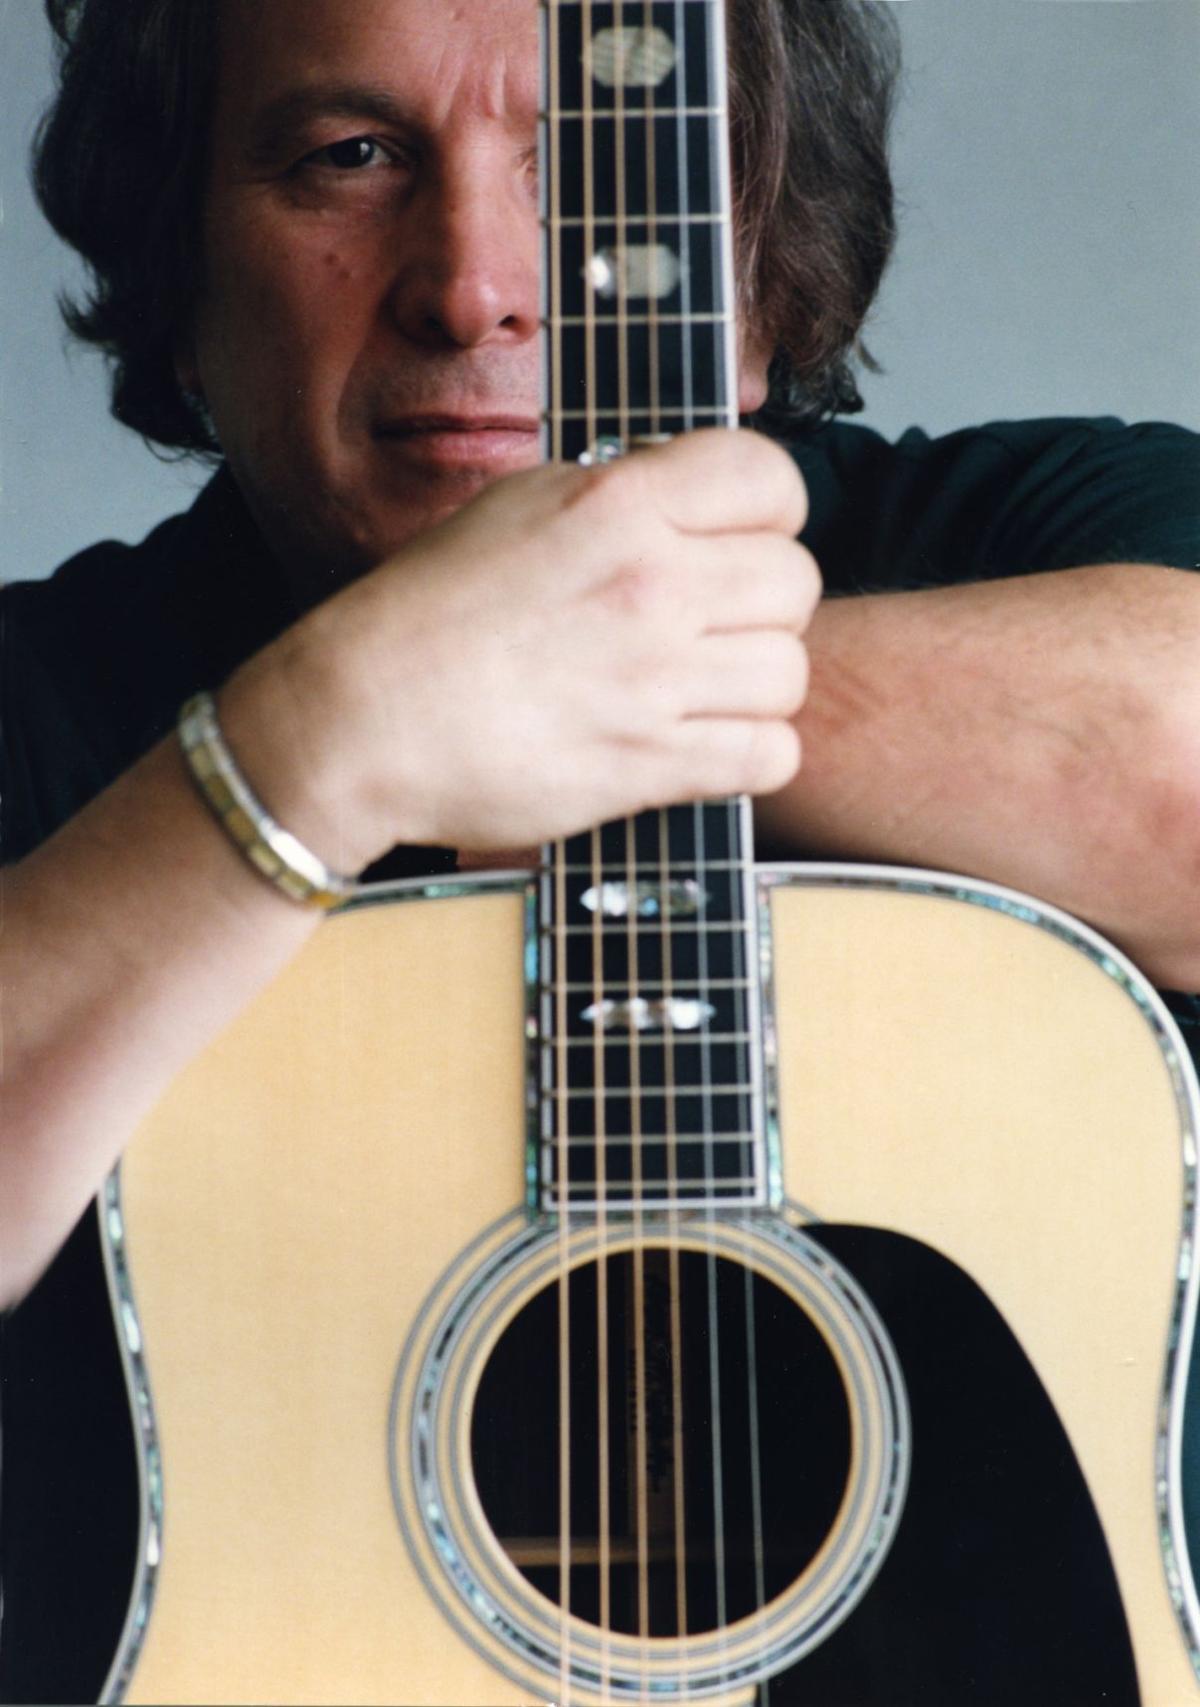 d-concerts-december2019-2-Don McLean.jpg